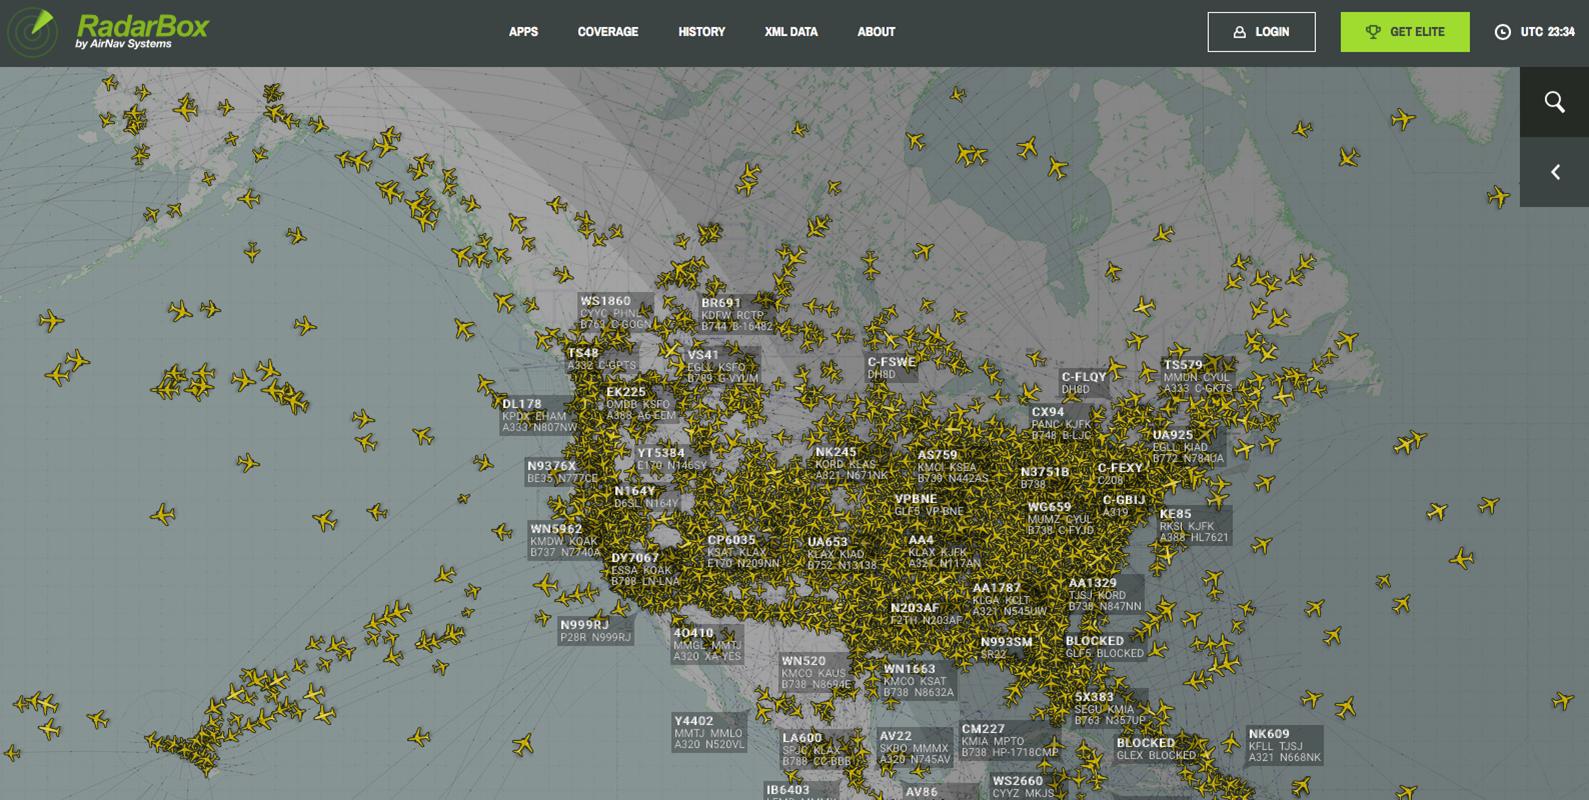 Amazing Visualization Of Us Air Traffic Black Box Paradox - Us-air-traffic-map